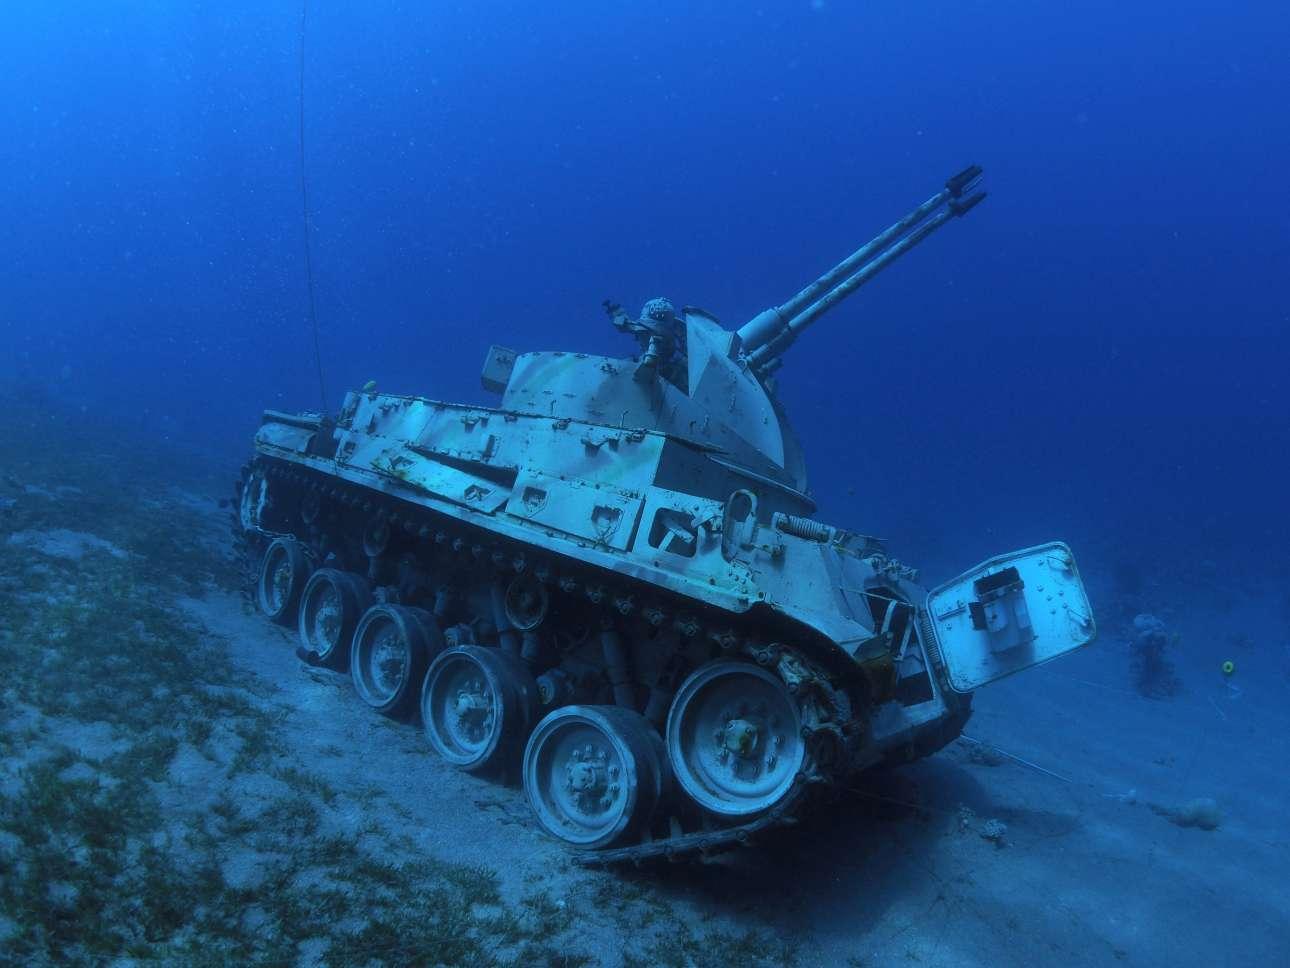 Υποβρύχιο πολεμικό μουσείο έφτιαξε η Ιορδανία στην Ακαμπα: σκληρές οι μνήμες των Αράβων από το 1967, αλλά ο τουρισμός είναι τουρισμός